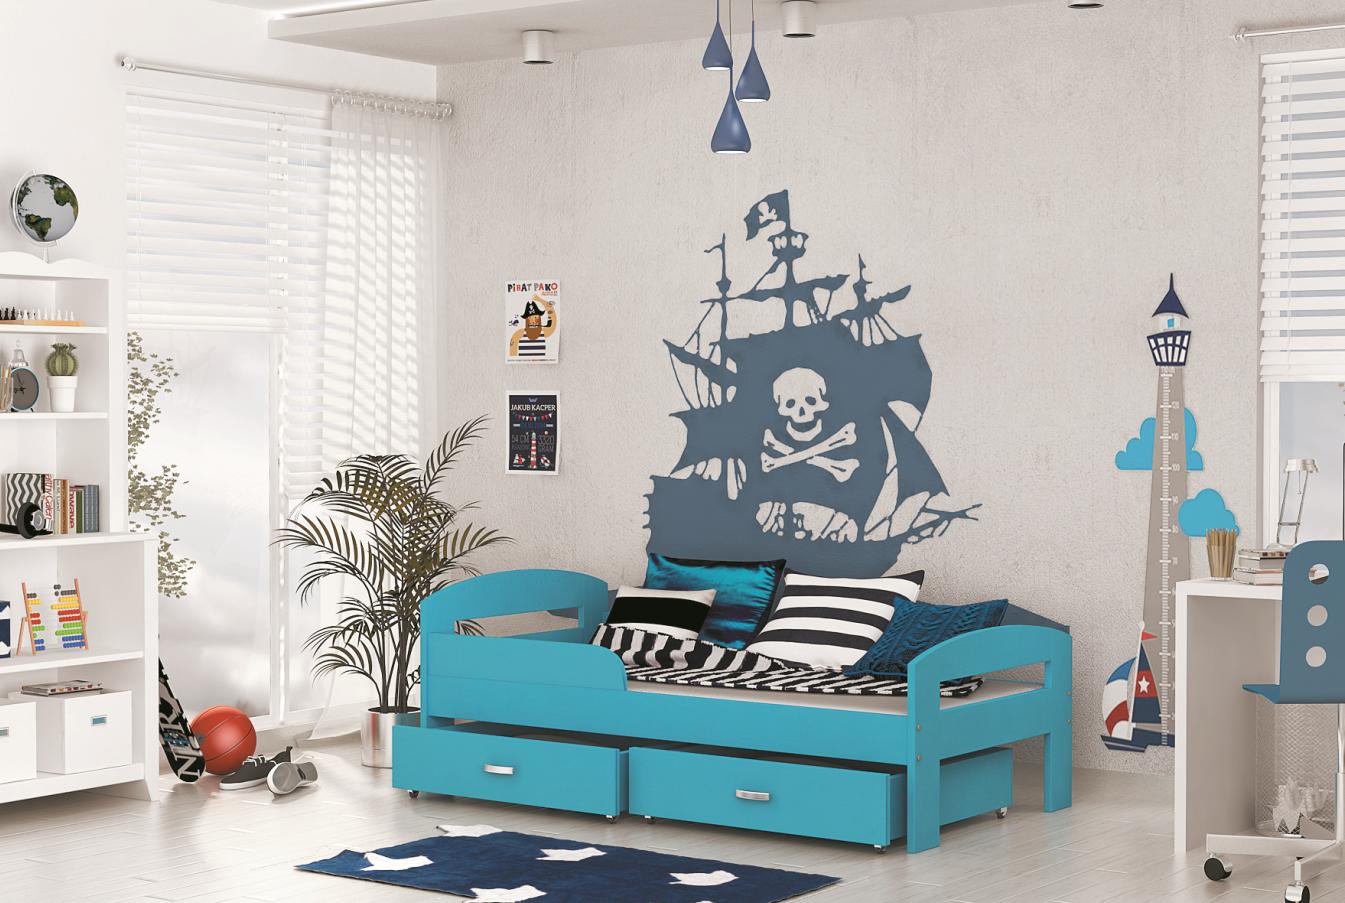 ArtAJ Detská posteľ GRZES 180x80 farebné prevedenie: Blankytná bez matraca